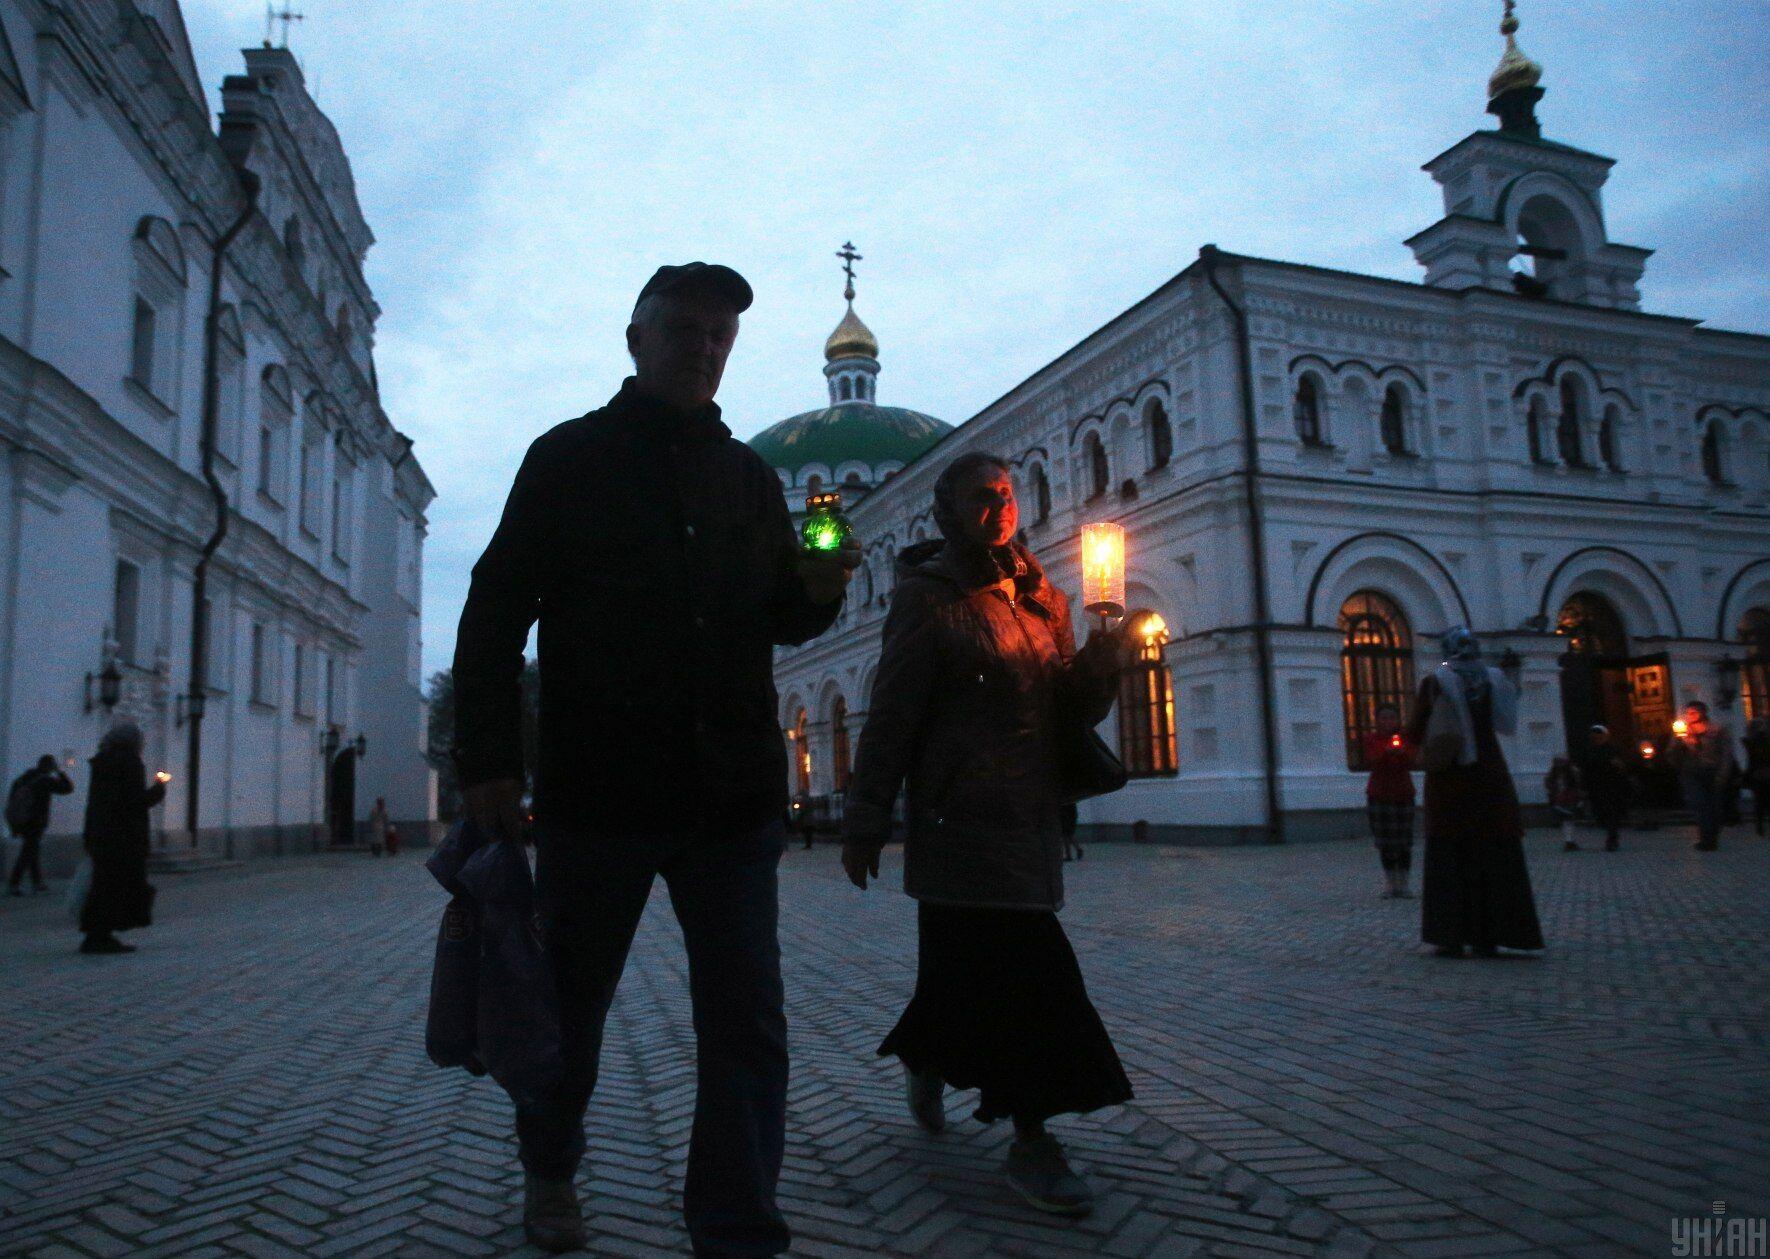 Зажженные свечи после службы в Чистый четверг верующие несут домой